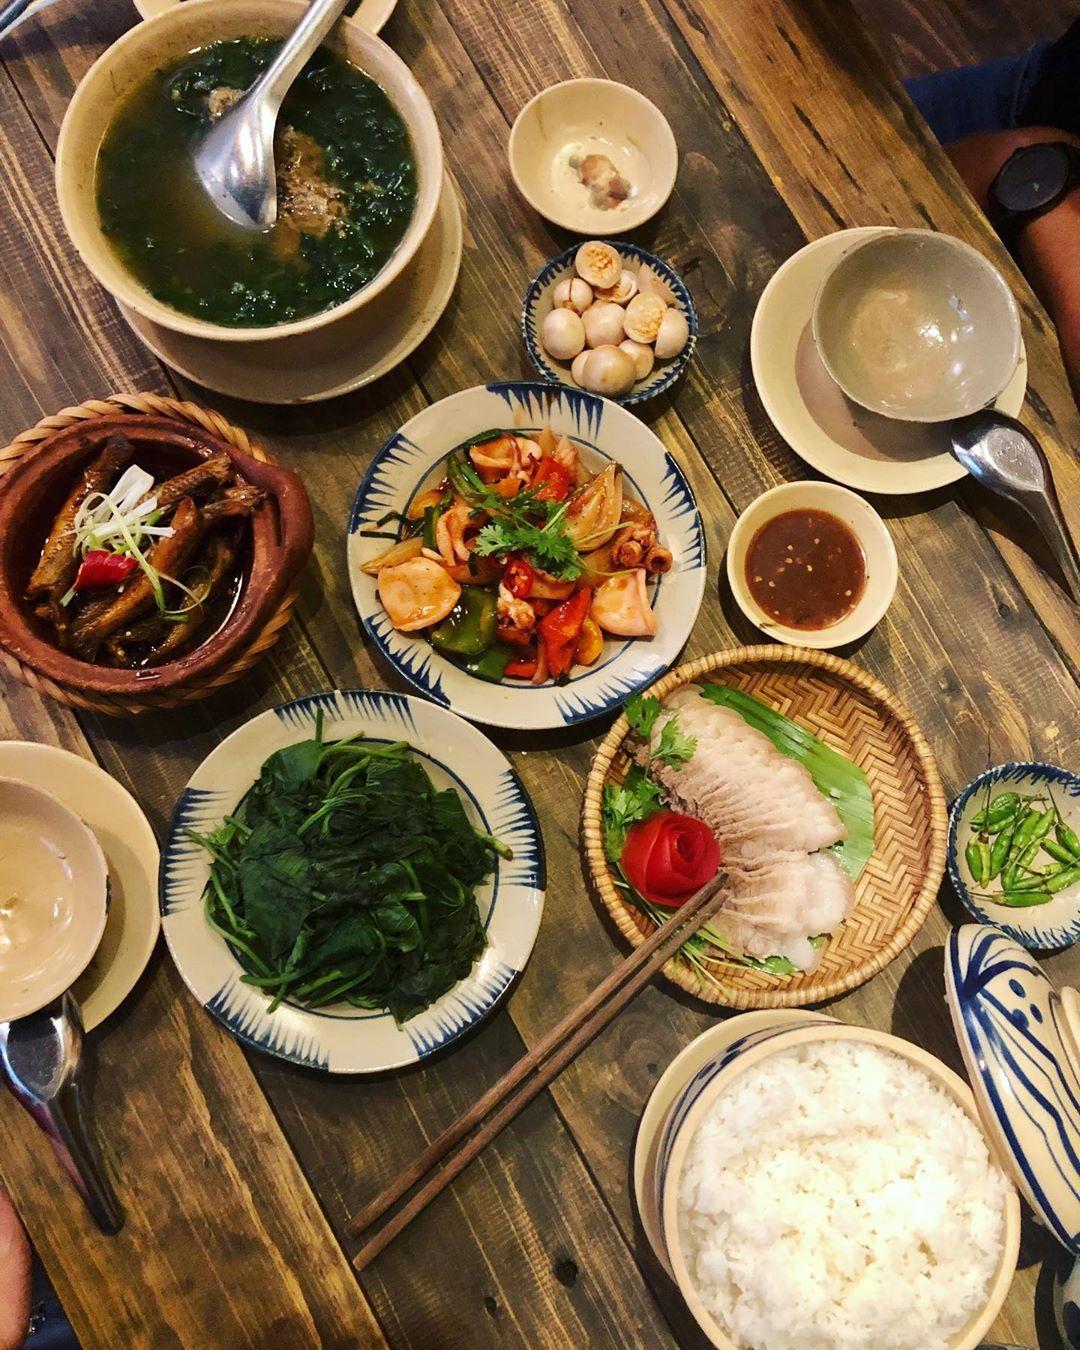 Top 12 quán ăn ngon ở Nha Trang 2020 'mê hoặc' du khách - Ảnh 6.